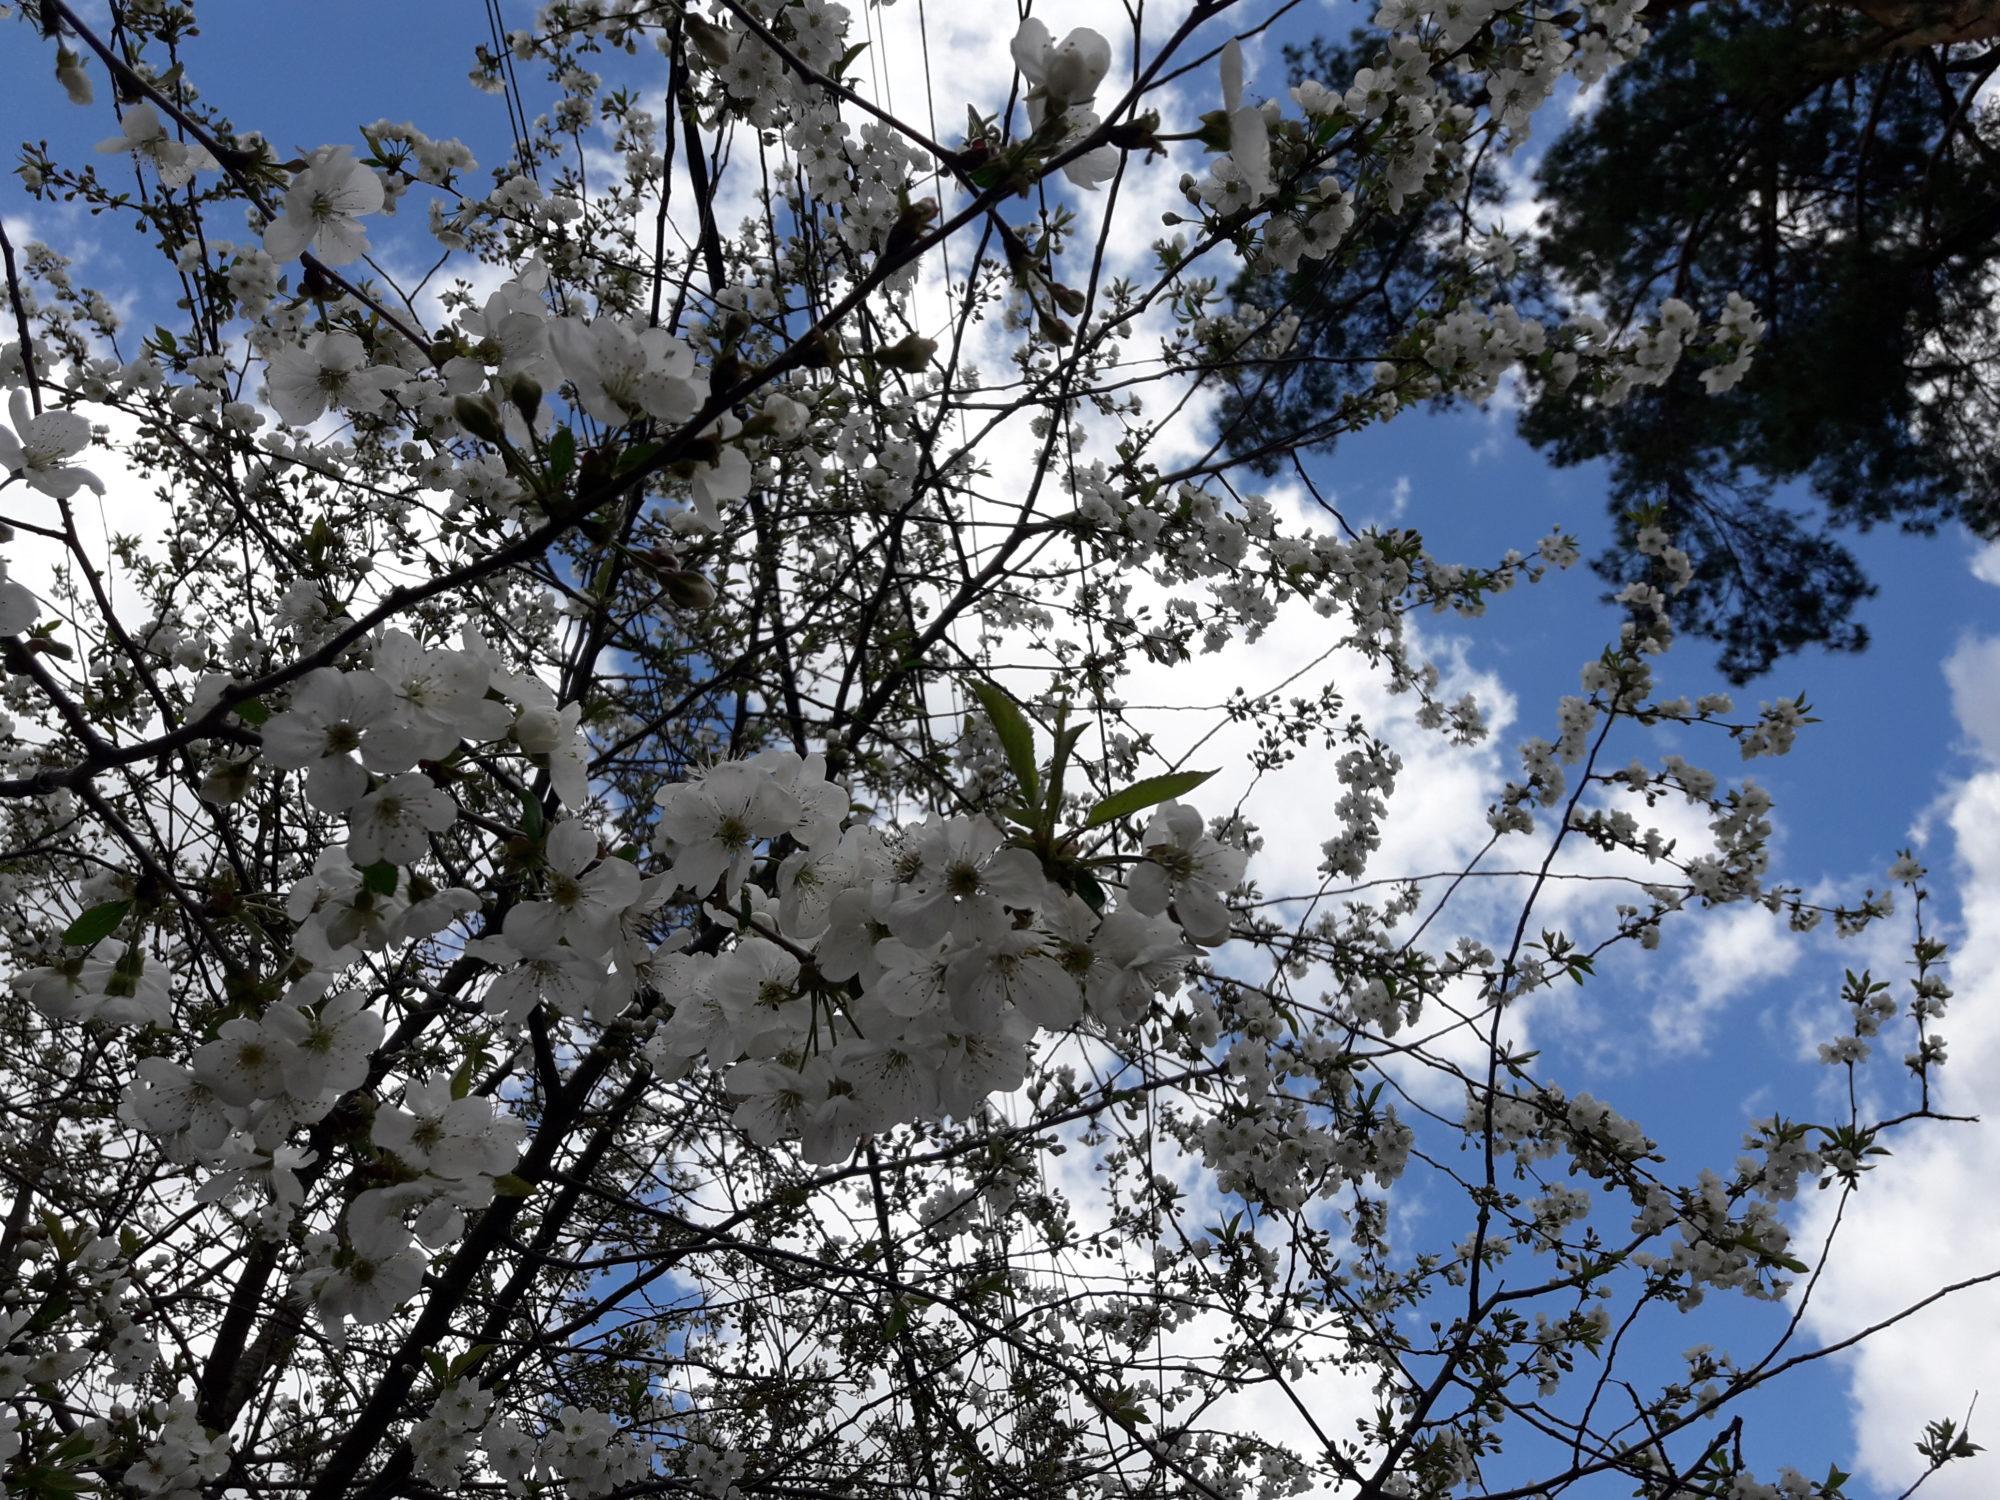 Ірпінь квітне: у місті настає пік цвітіння дерев та кущів (ФОТО) -  - 20200427 123242 2000x1500